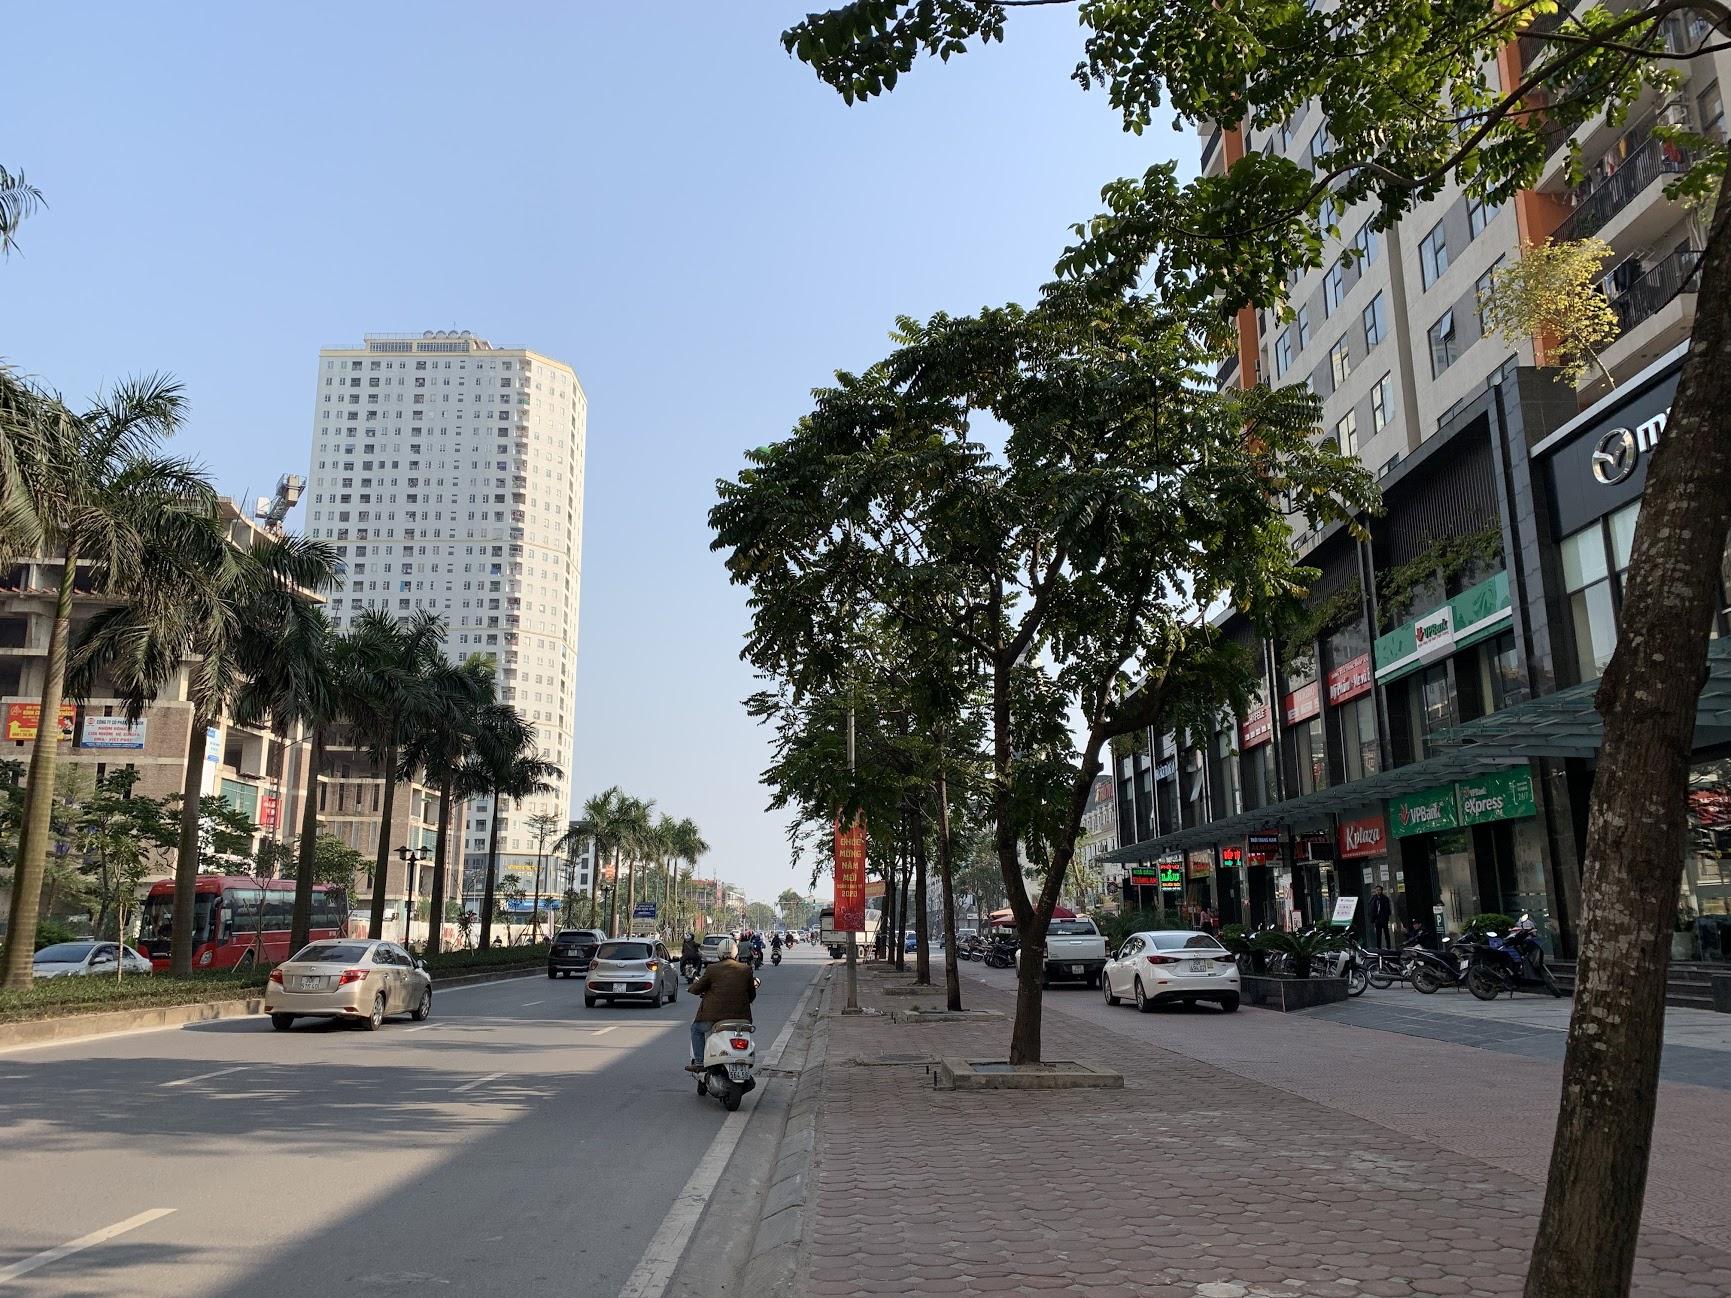 Bán liền kề Văn Phú mặt sau lưng đường Lê Trọng Tấn, hướng Tây Nam đường rộng 16,5m quay ra khu vui chơi công công thoáng đãng